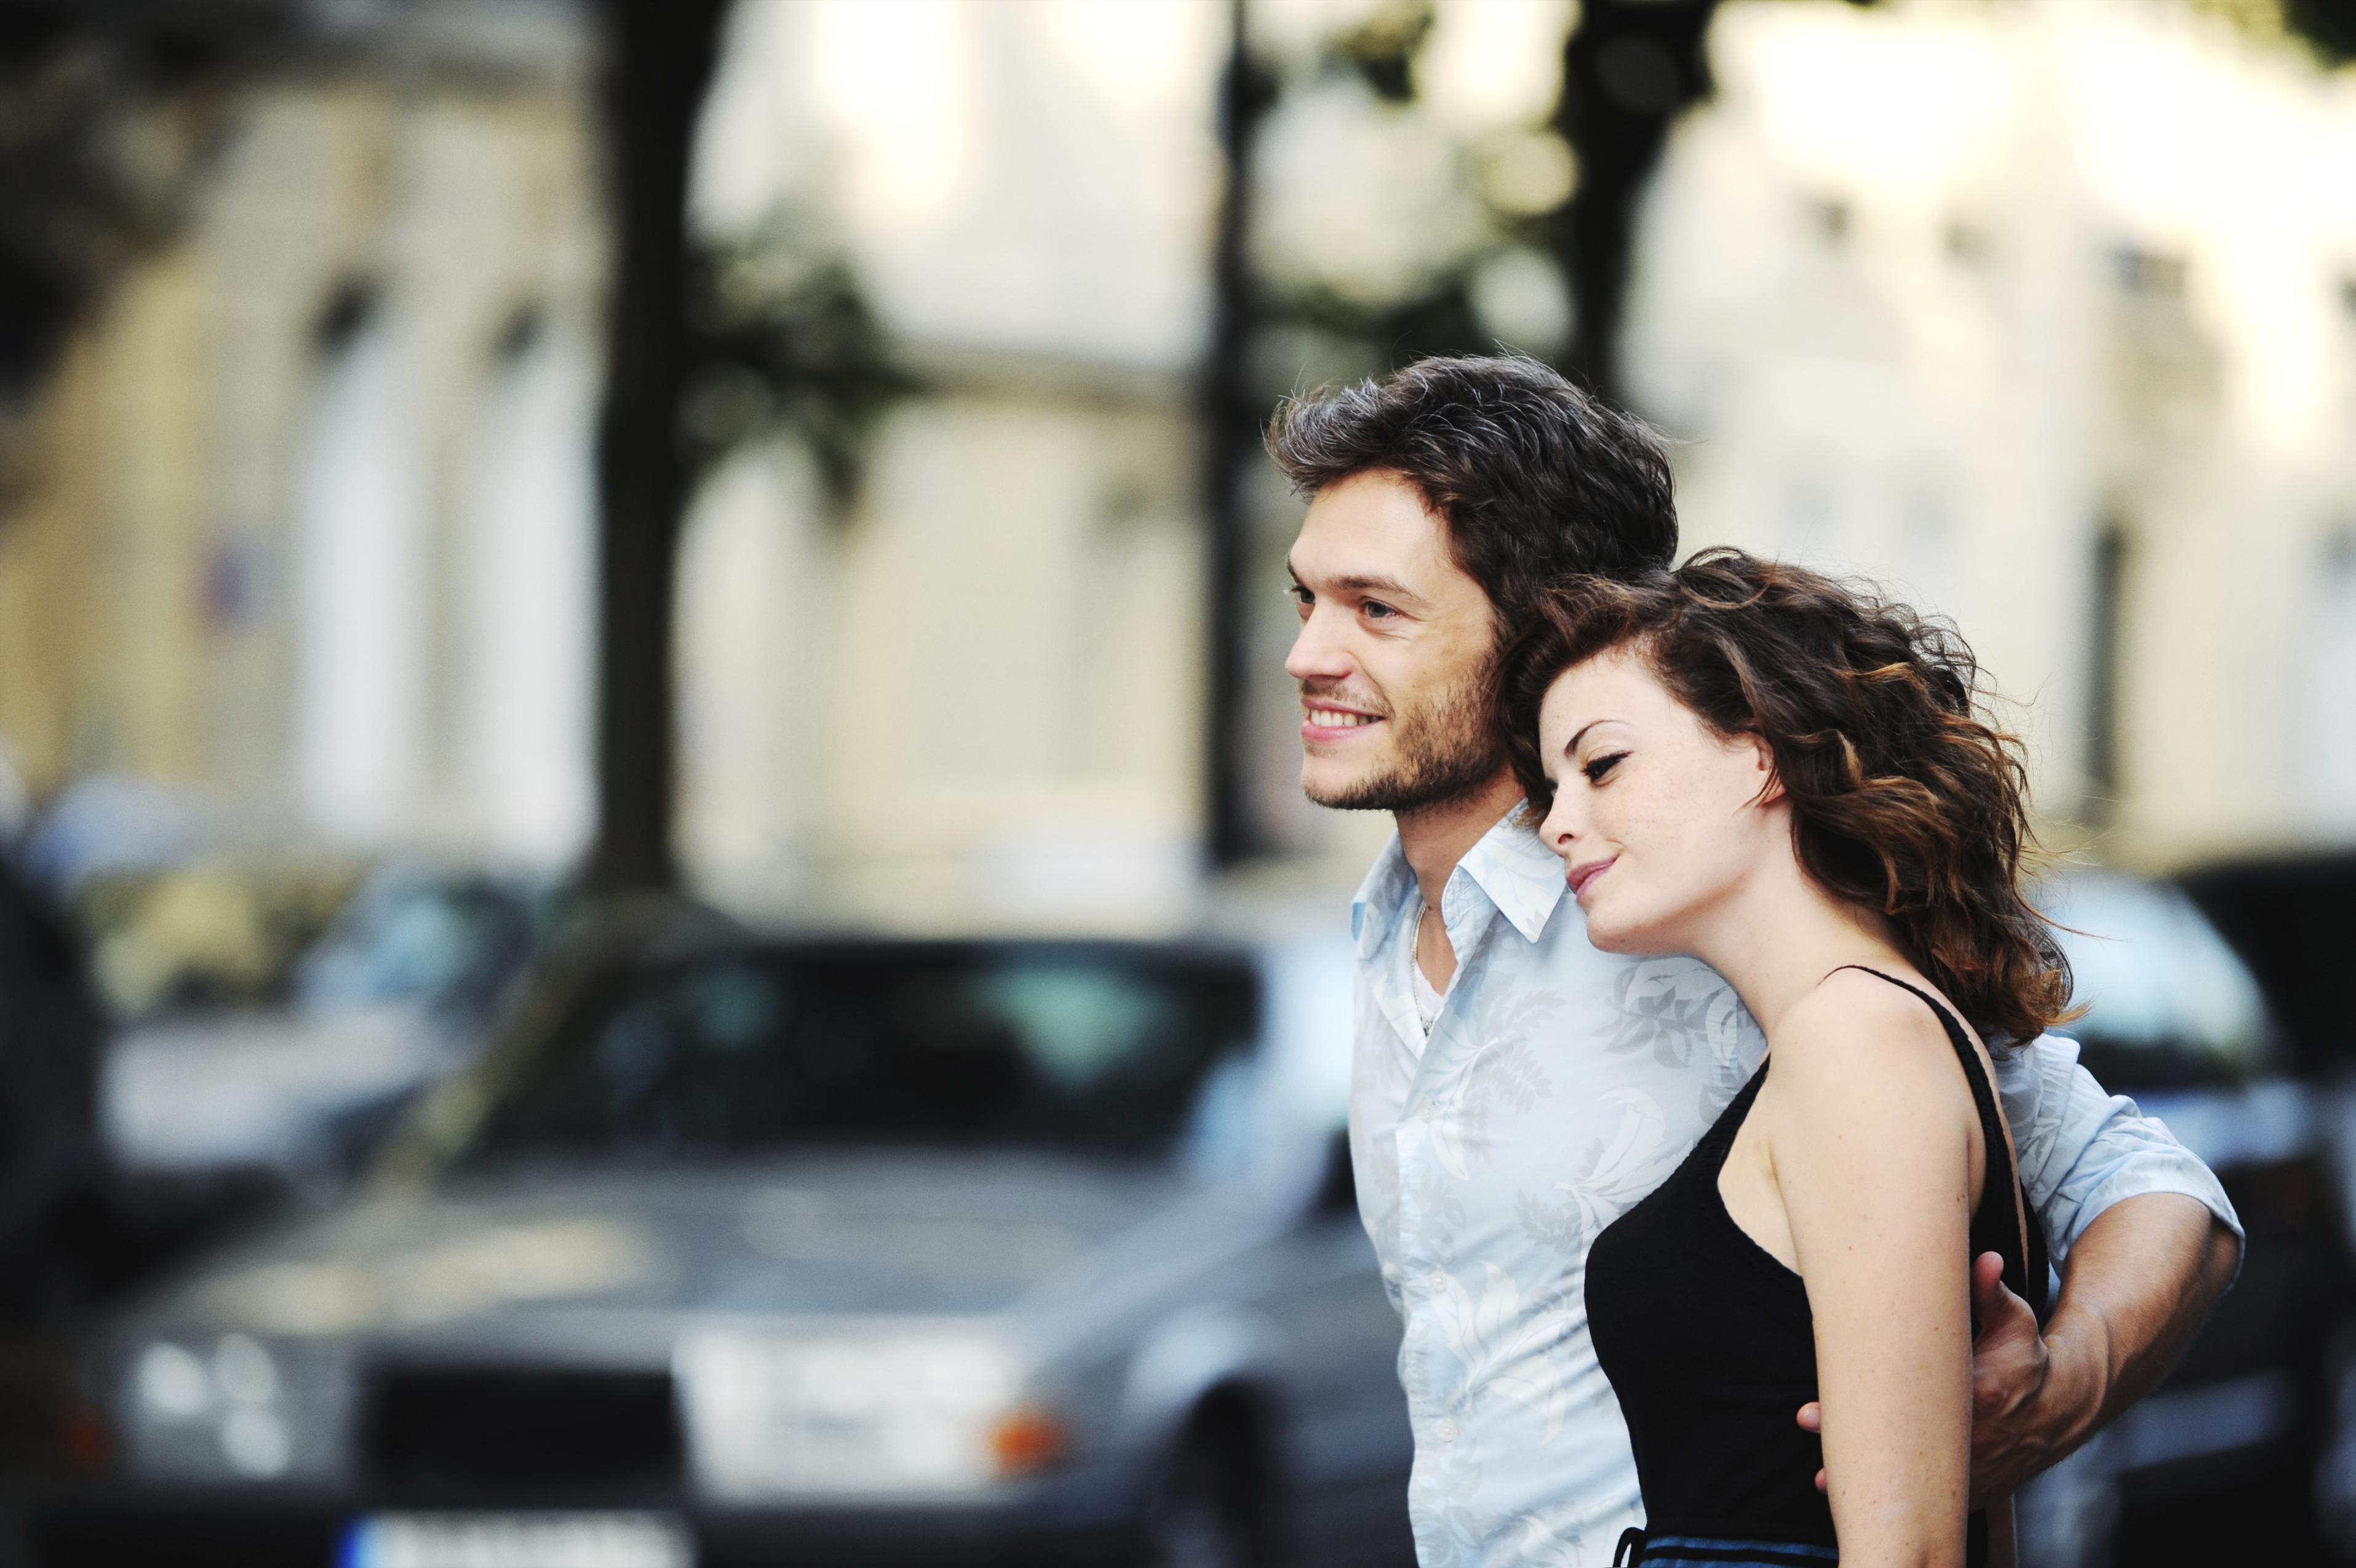 δωρεάν dating 100 τοις εκατό δωρεάν